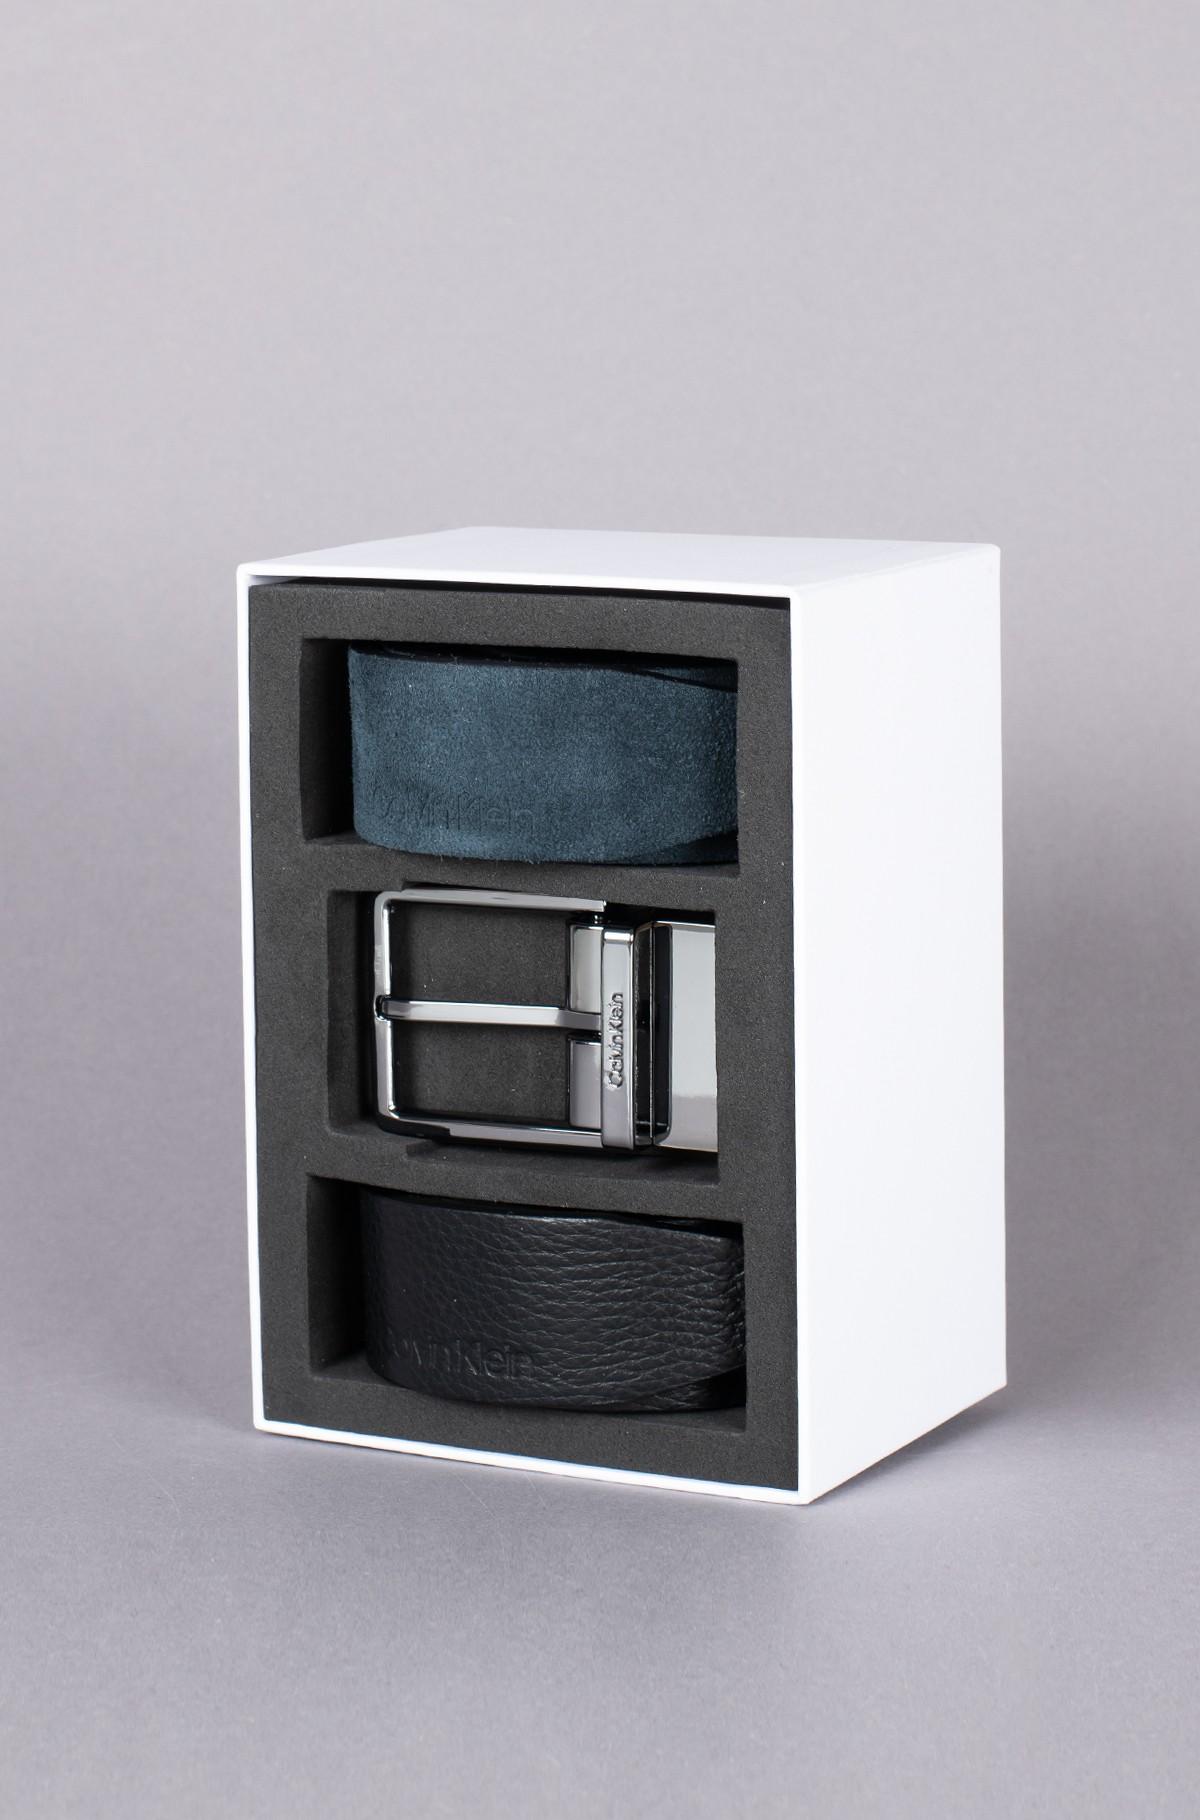 Diržas dovanų dėžutėje  2STRAPS GIFTSET-full-1